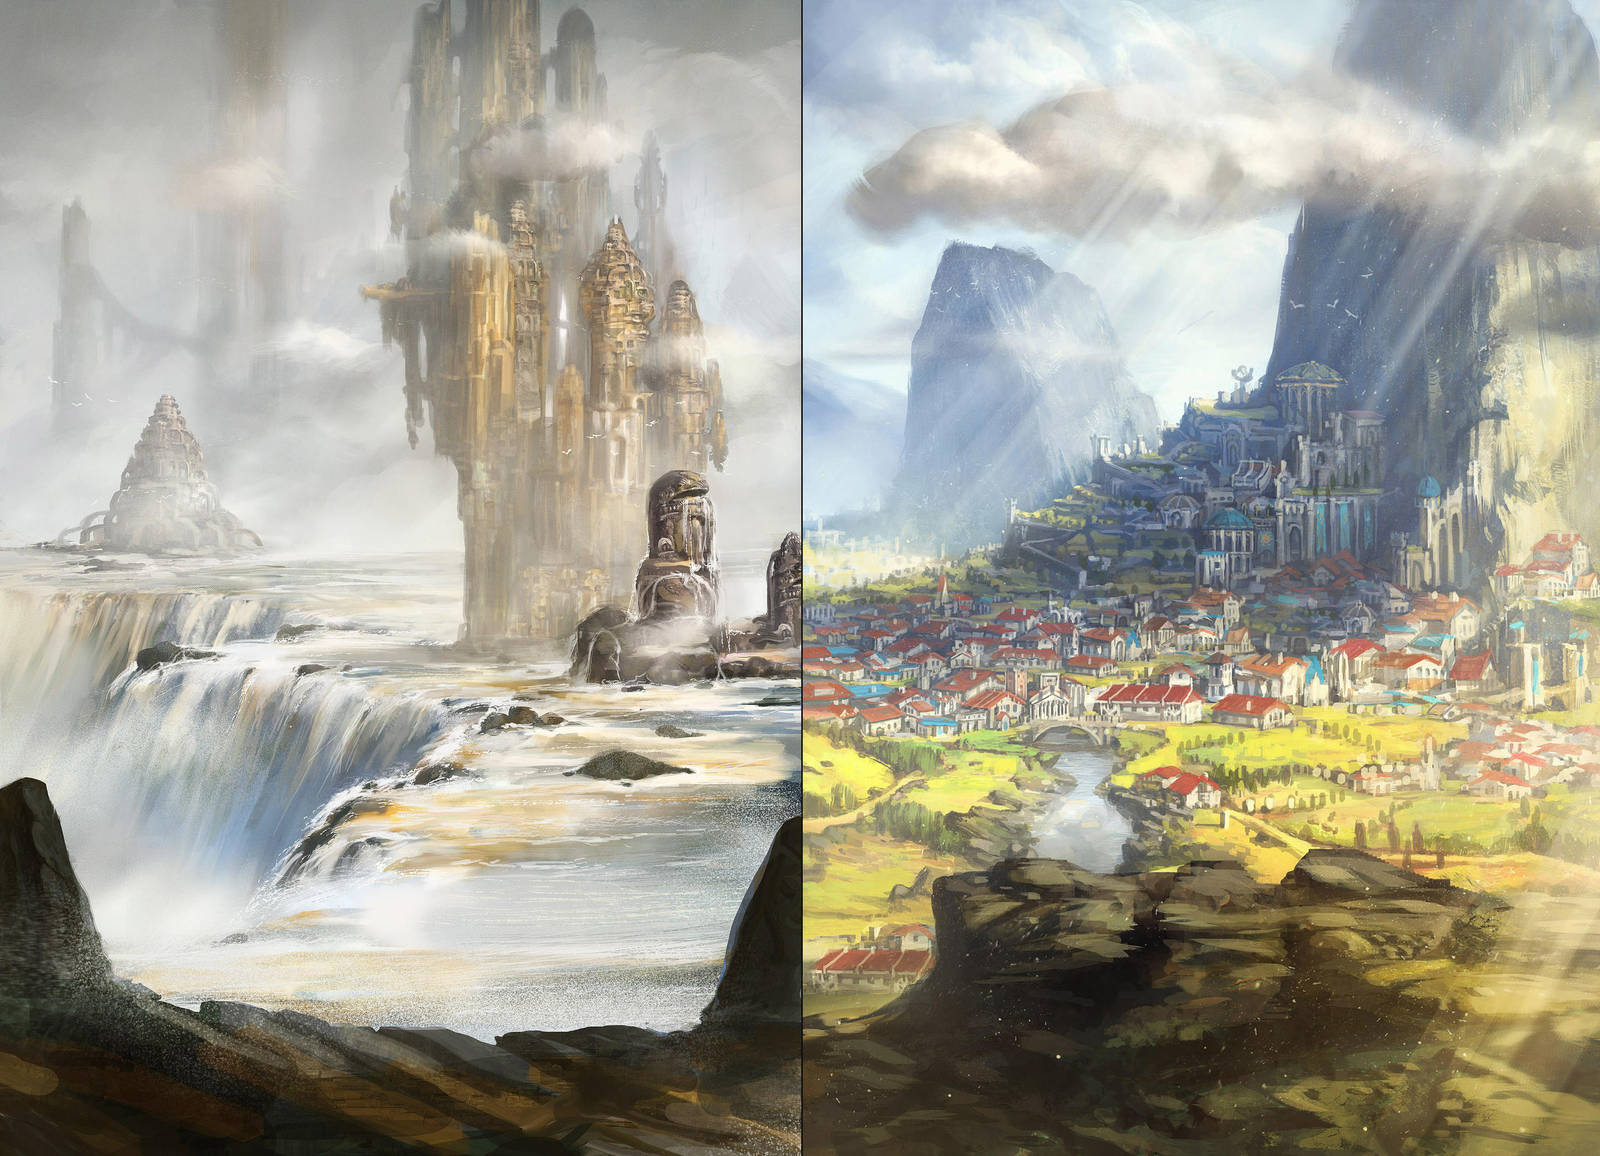 2 landscapes by Tsabo6